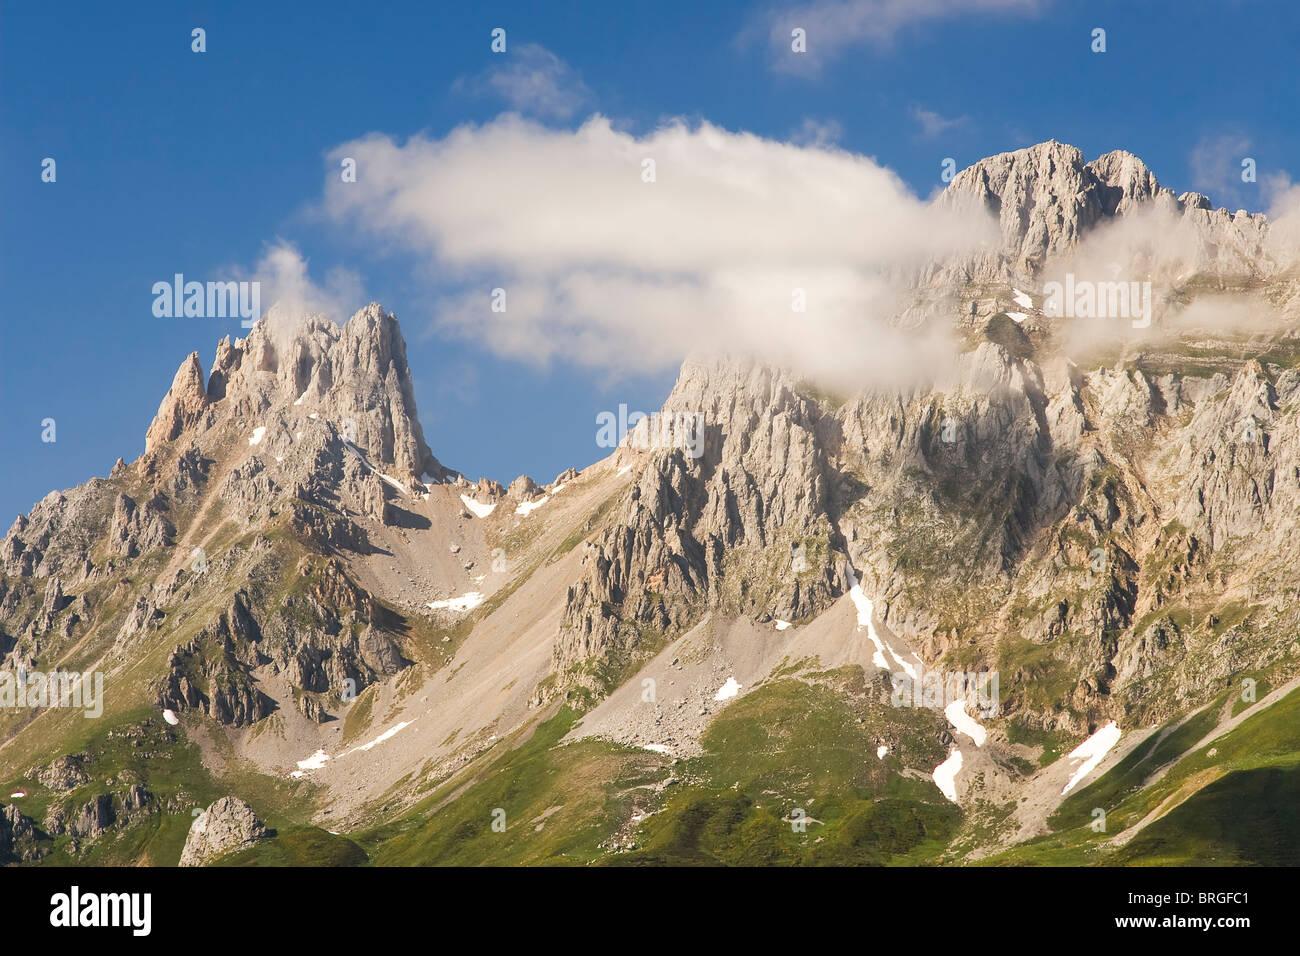 Mountain of Picos de Europa, Leon, Spain - Stock Image